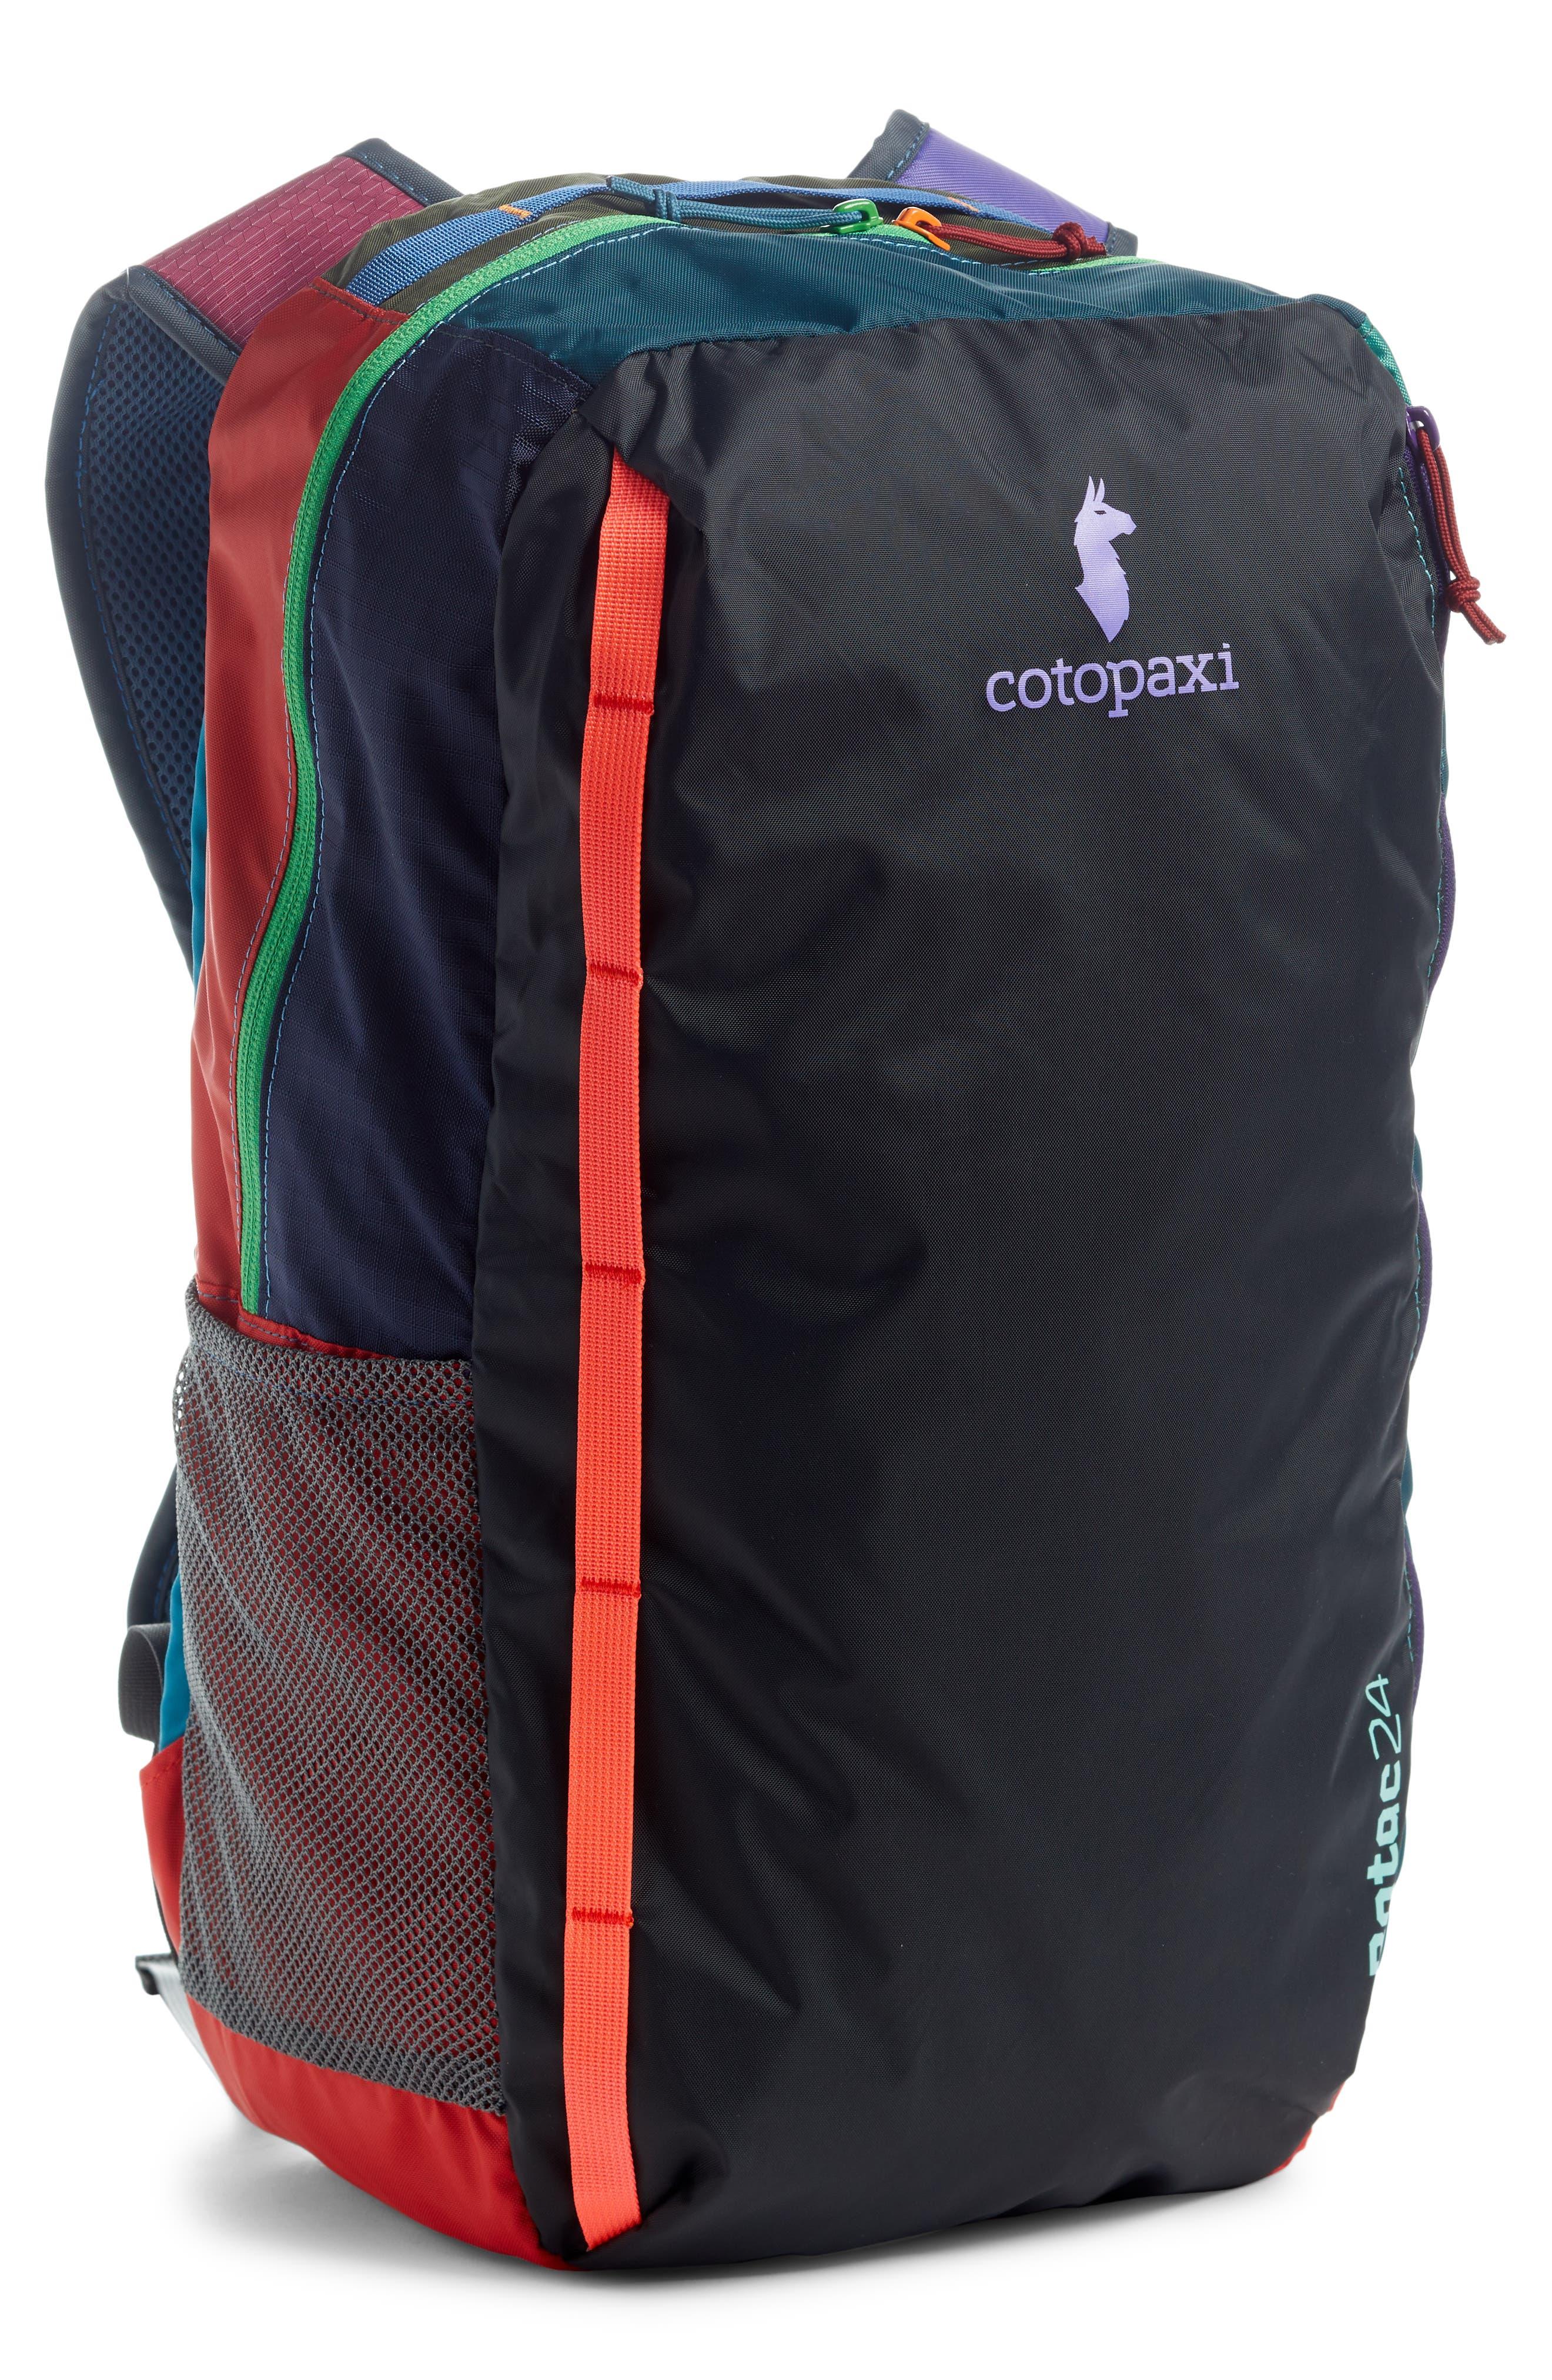 Batac 24L Backpack